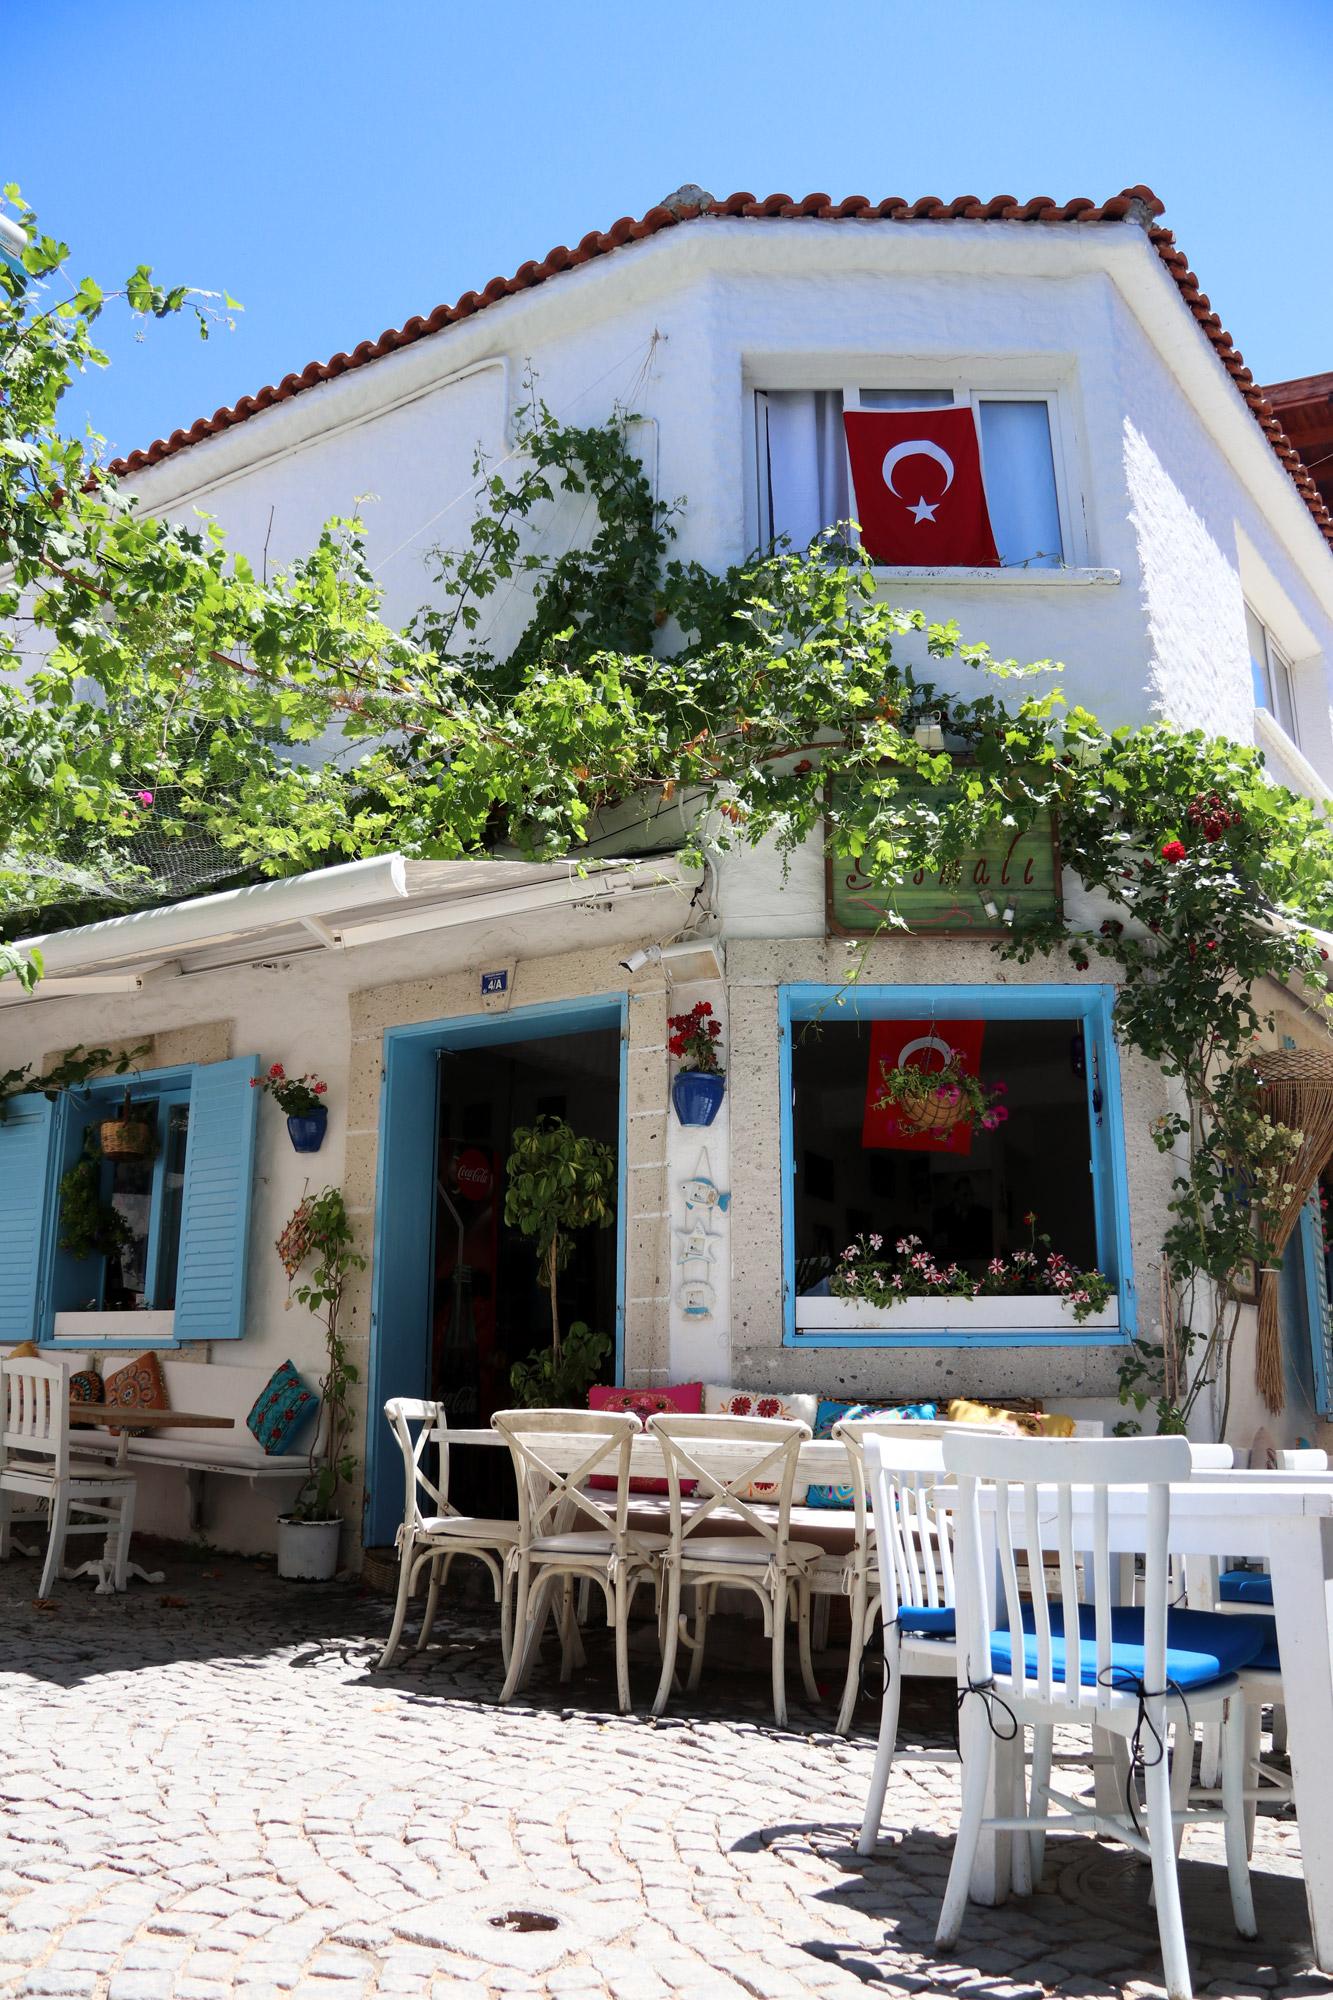 Turkije reisverslag: Laatste dag in Alaçatı - Centrum van Alaçatı